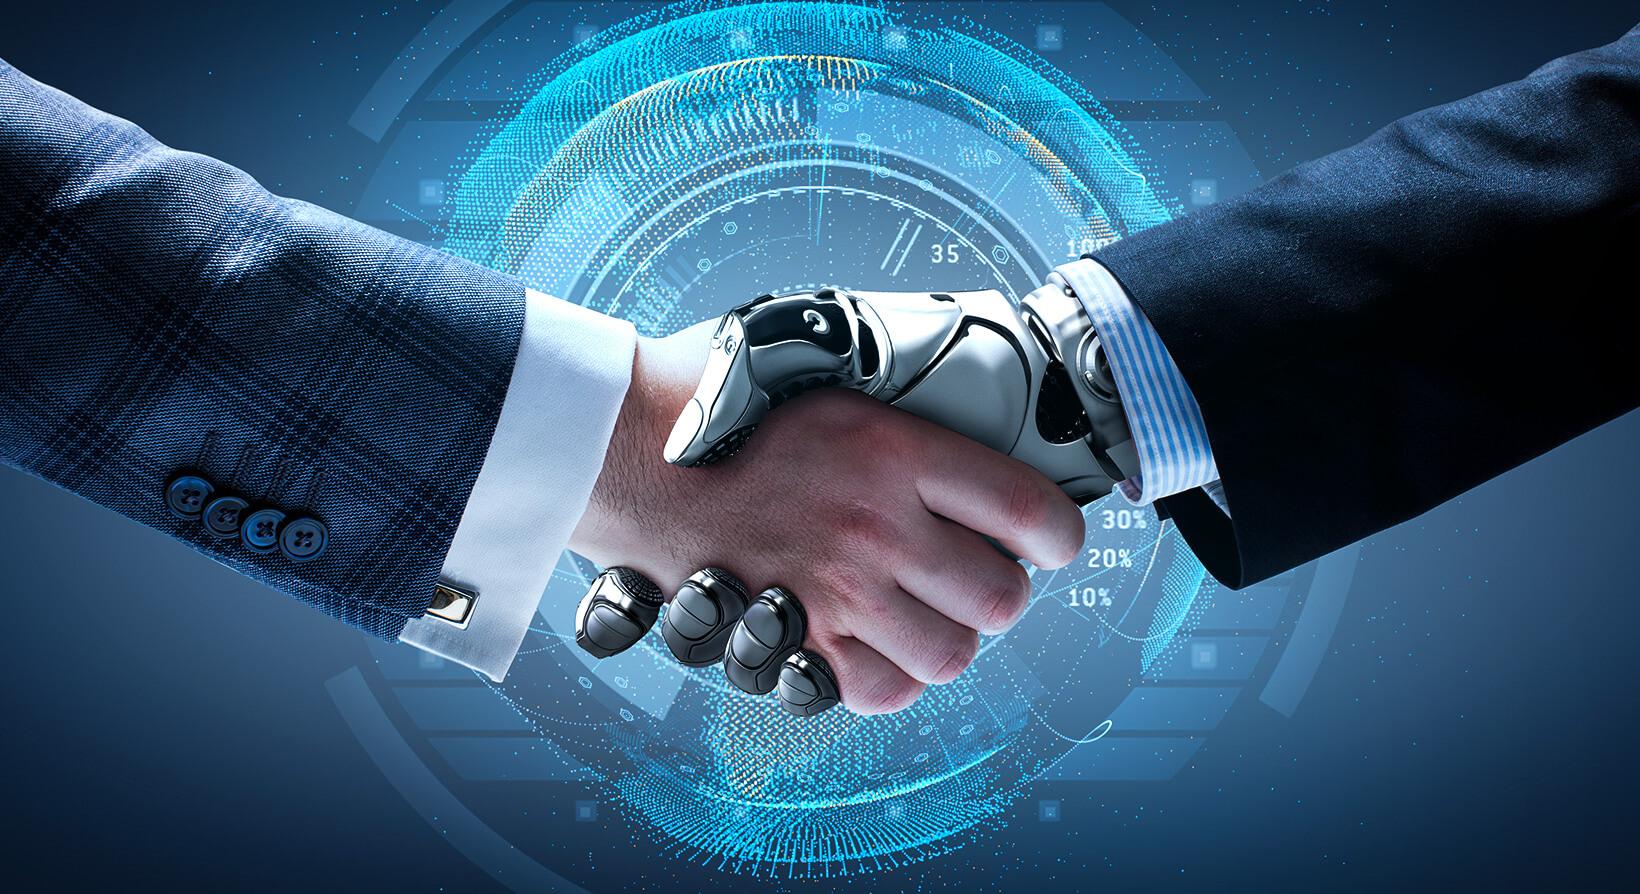 در آینده چه انتظاراتی از هوش مصنوعی داریم؟